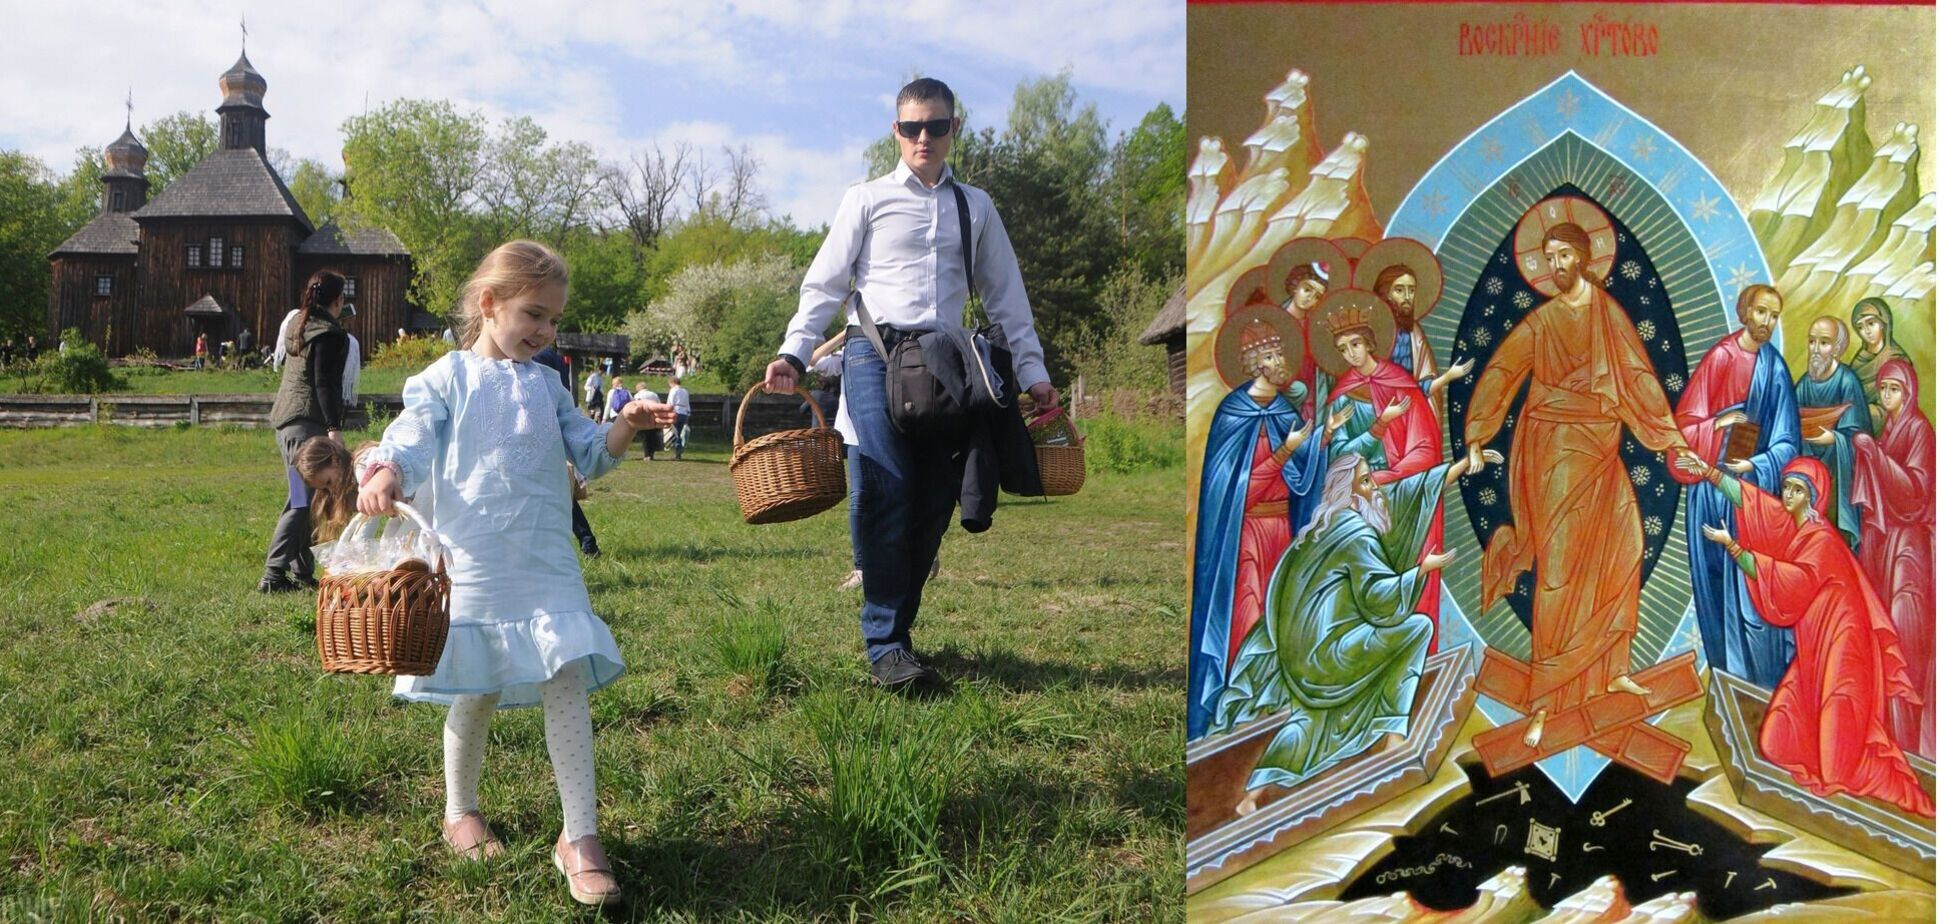 Пасха символизирует радость Воскресения Иисуса Христа, переход от смерти к жизни, от земли к небу